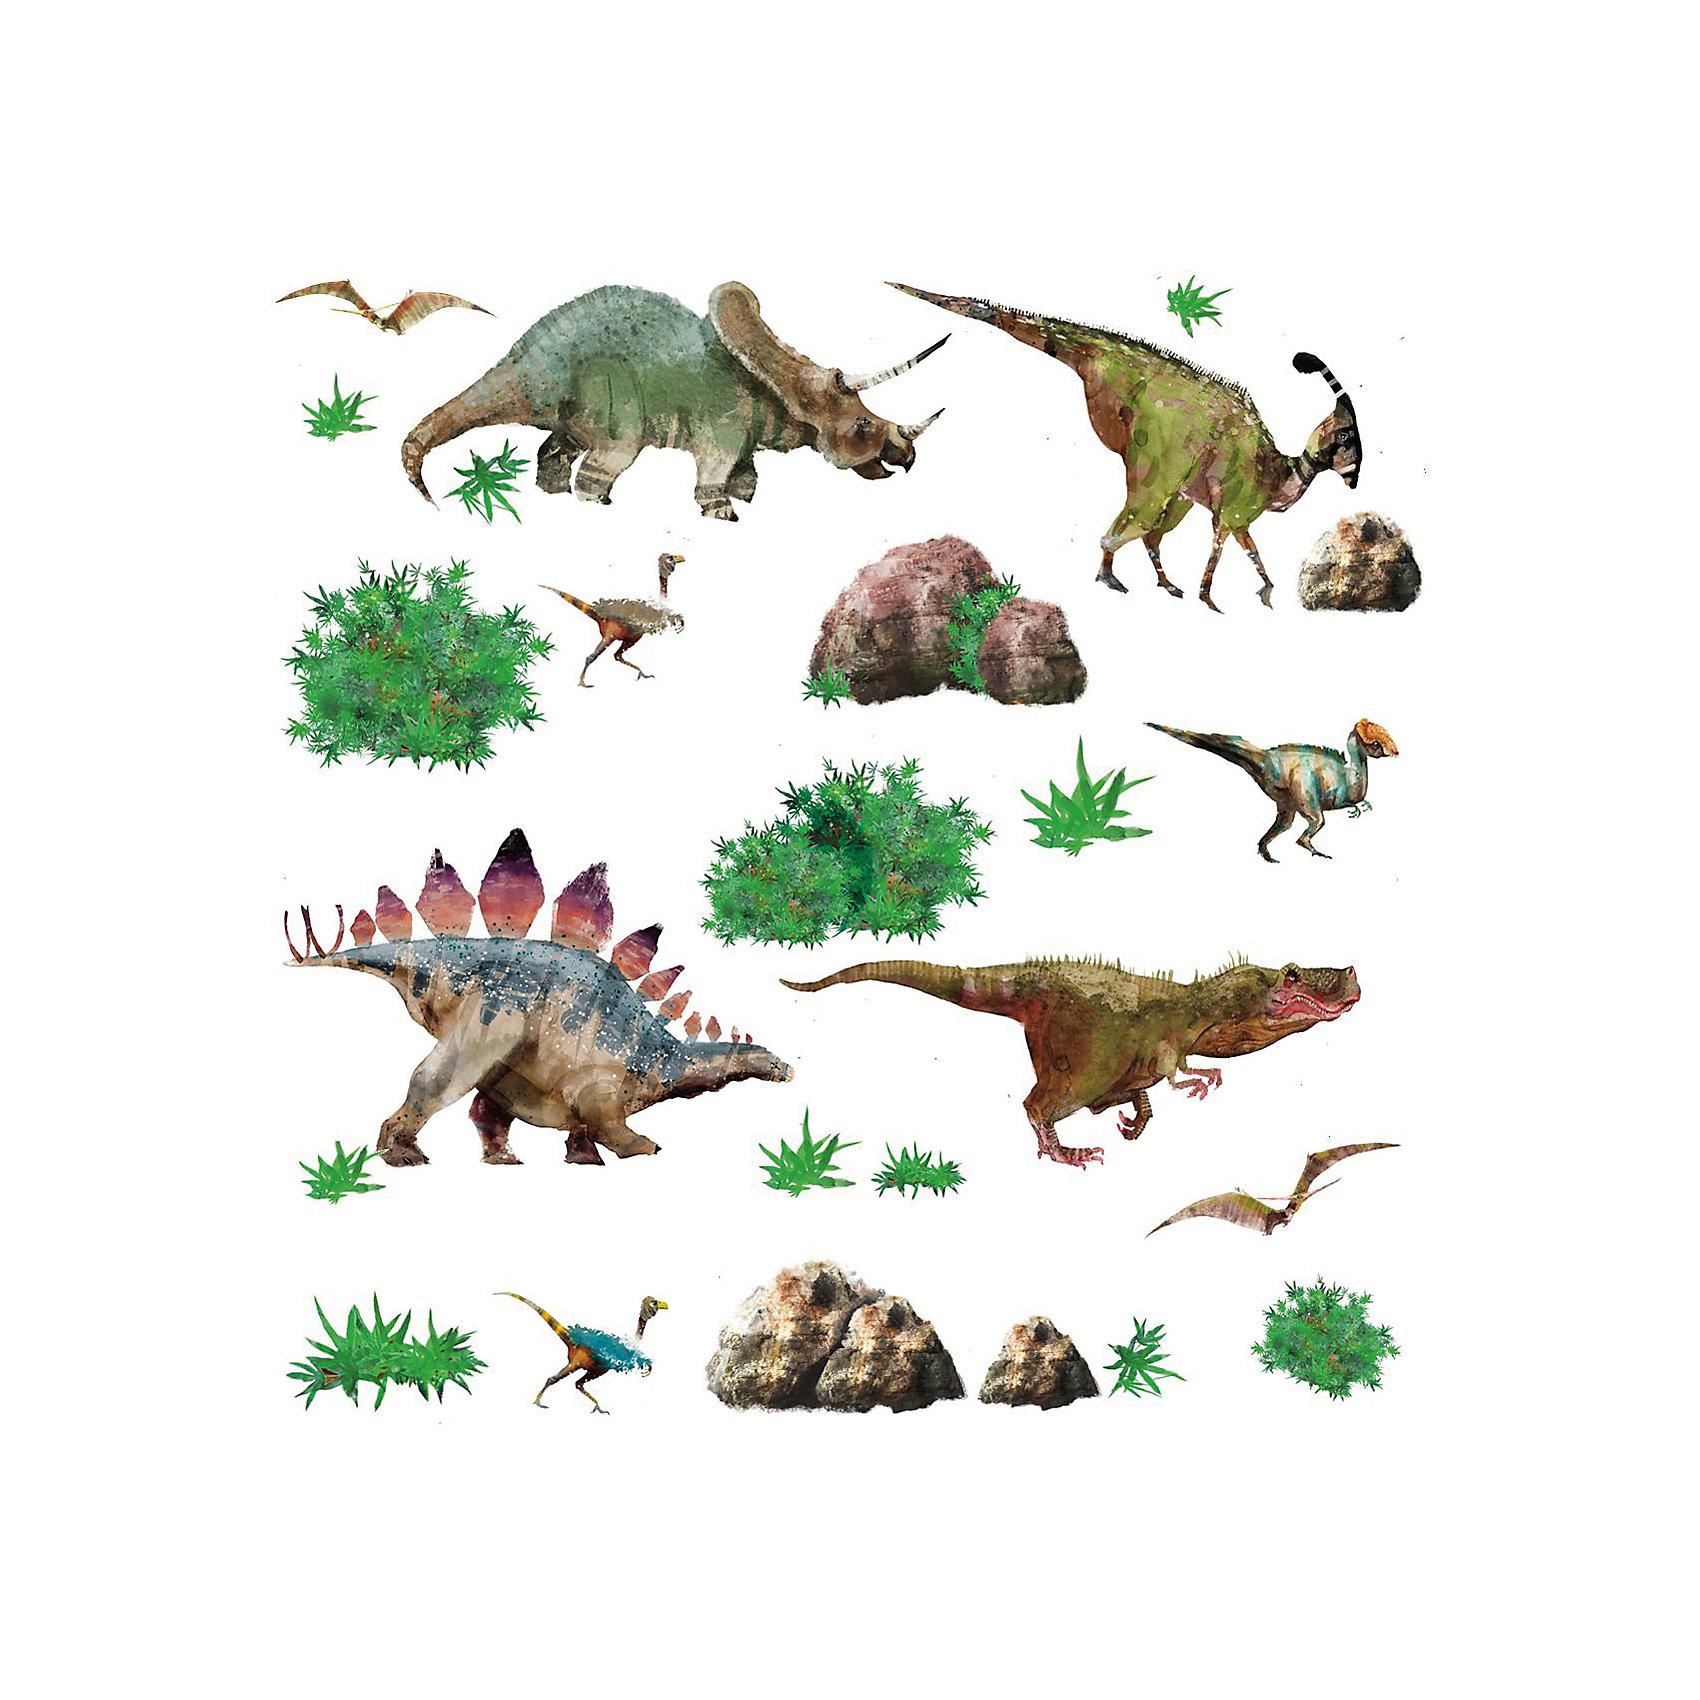 Наклейки для декора ДинозаврыПредметы интерьера<br>Наклейки для декора Динозавры, RoomMates, замечательно подойдут для украшения Вашего интерьера, детской комнаты, спальни или мебели. В комплект входят наклейки с изображениями различных динозавров, а также растений, окружающих их (всего в наборе 25 стикеров).<br>Наклейки просты в применении и подходят для многоразового использования. Освободите выбранный рисунок от защитного слоя и приклейте на стену или любую другую плоскую гладкую поверхность. Стикеры легко отклеиваются и не оставляют липких следов на поверхности. Яркие наклейки с красочными интересными рисунками будут радовать Вашего ребенка и создавать атмосферу домашнего уюта.<br><br>Дополнительная информация:<br><br>- В комплекте: 4 листа наклеек (всего 25 наклеек).<br>- Материал: винил.<br>- Размер упаковки: 29,21 х 12,7 х 2,54 см. <br>- Вес: 141 гр. <br><br>Наклейки для декора Динозавры, RoomMates, можно купить в нашем интернет-магазине.<br><br>Ширина мм: 8500<br>Глубина мм: 8500<br>Высота мм: 60<br>Вес г: 8500<br>Возраст от месяцев: 36<br>Возраст до месяцев: 144<br>Пол: Унисекс<br>Возраст: Детский<br>SKU: 4652188